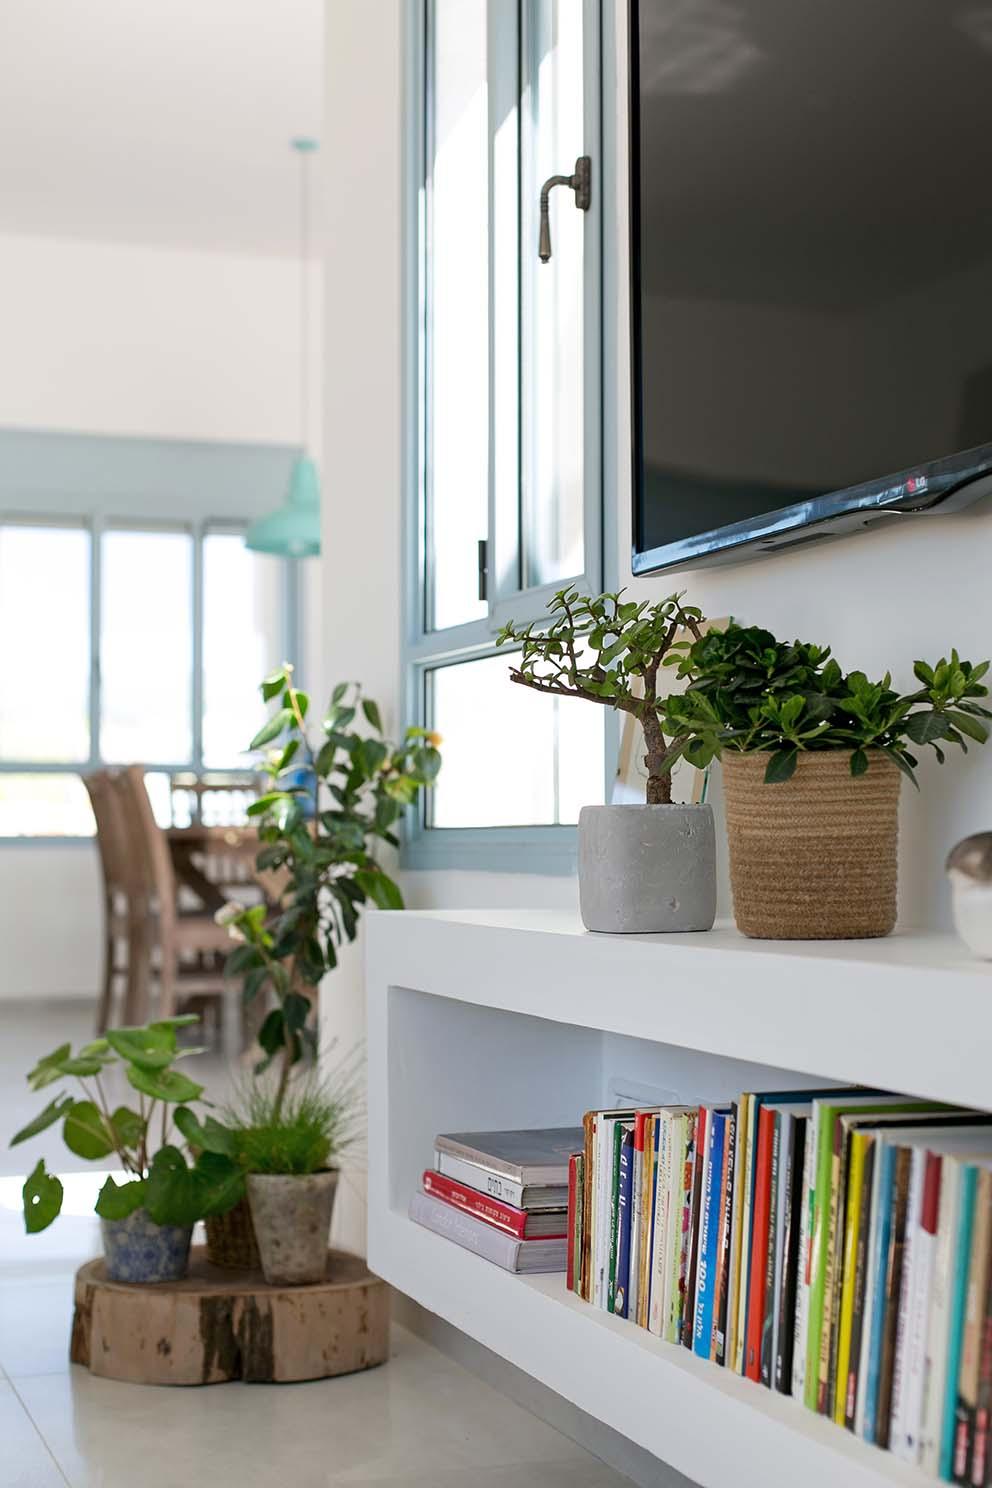 עיצוב: דבורי פריד-טובול, צילום: שירן כרמל www.pnim.co.il